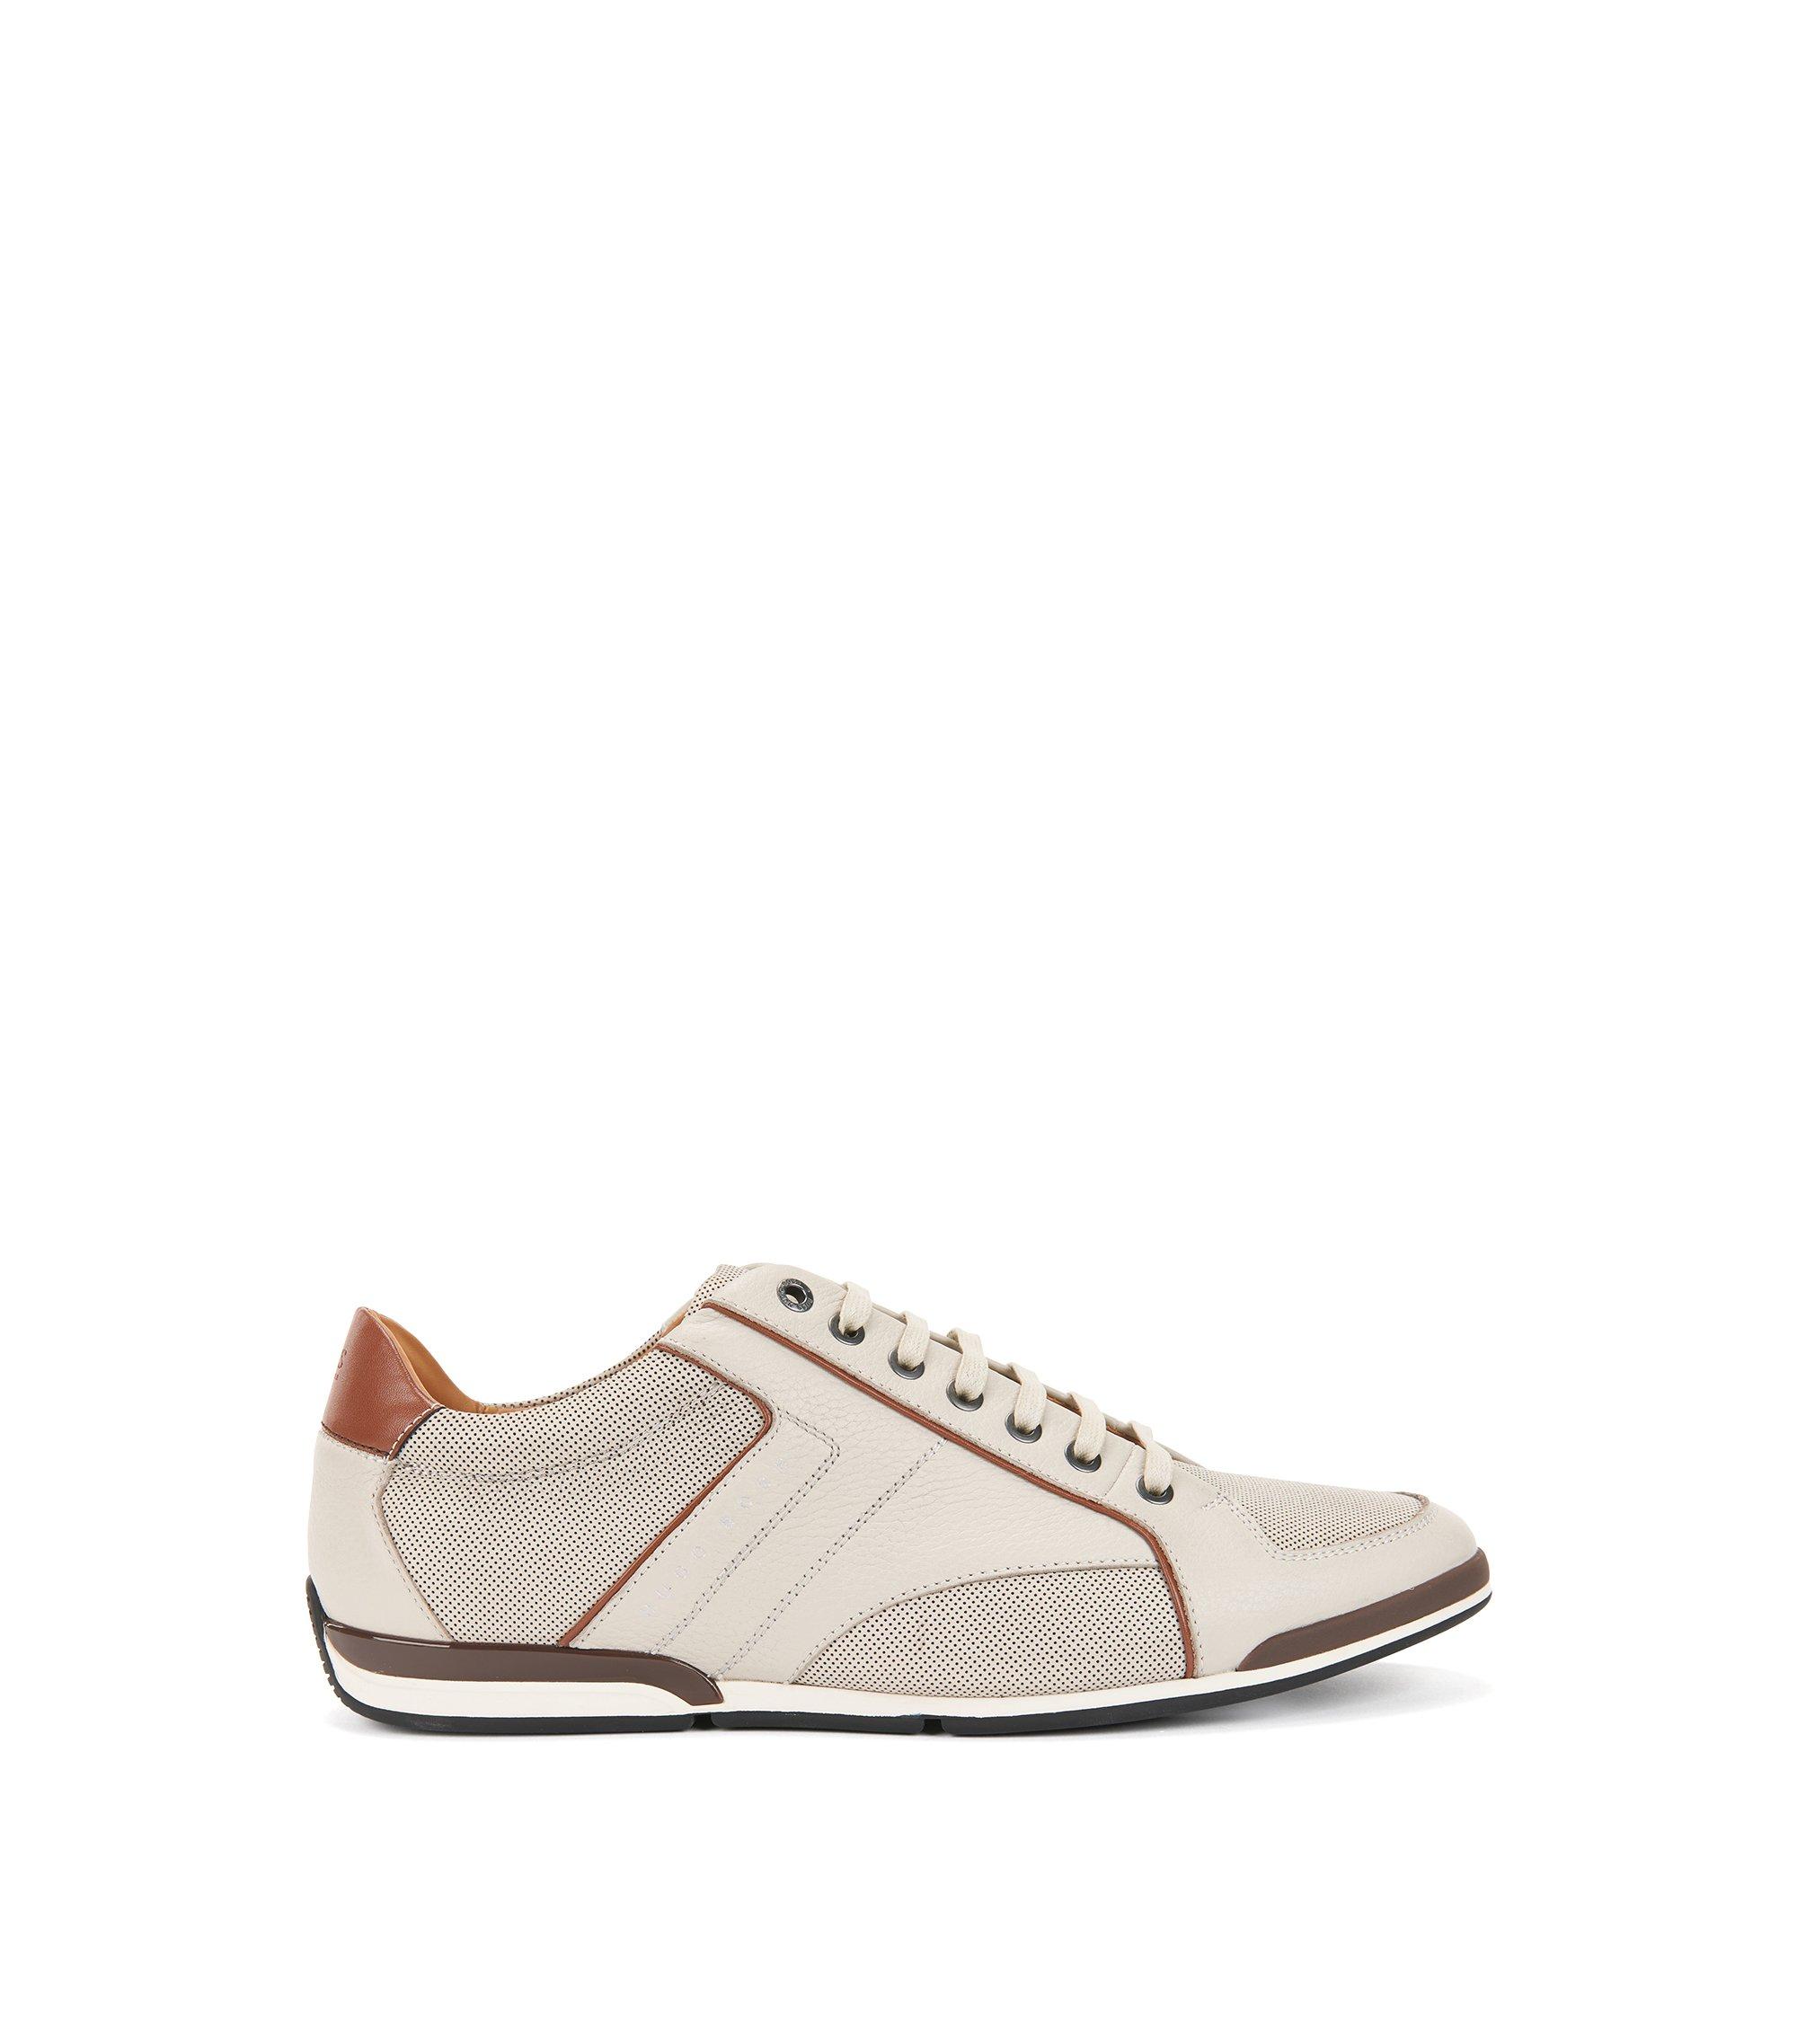 Lowtop Sneakers aus gegerbtem Leder mit Kontrast-Details, Natur